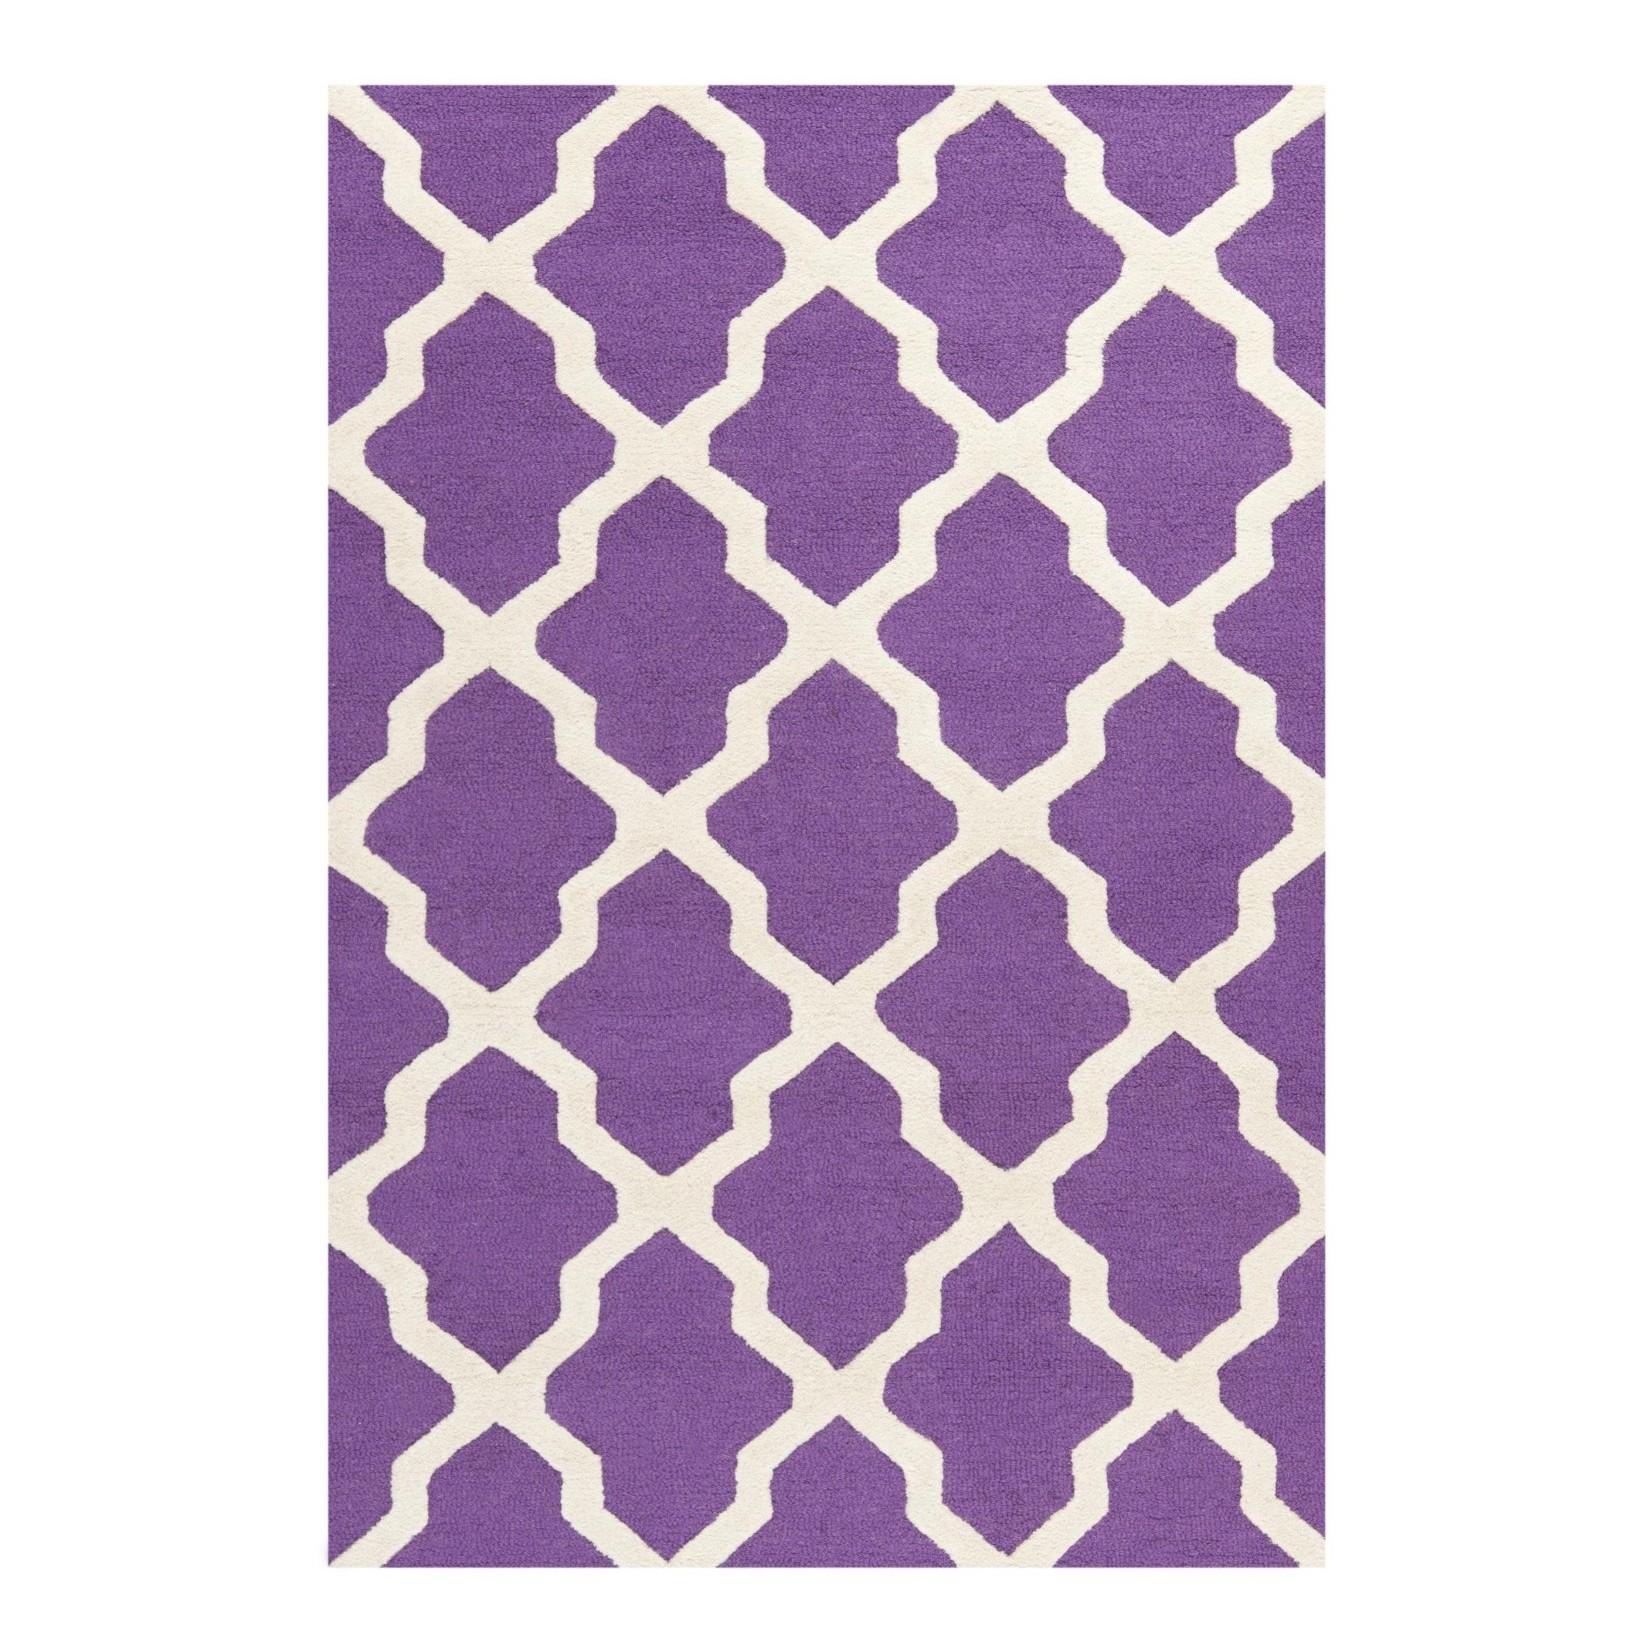 Teppich violett preis vergleich 2016 for Design versandhaus